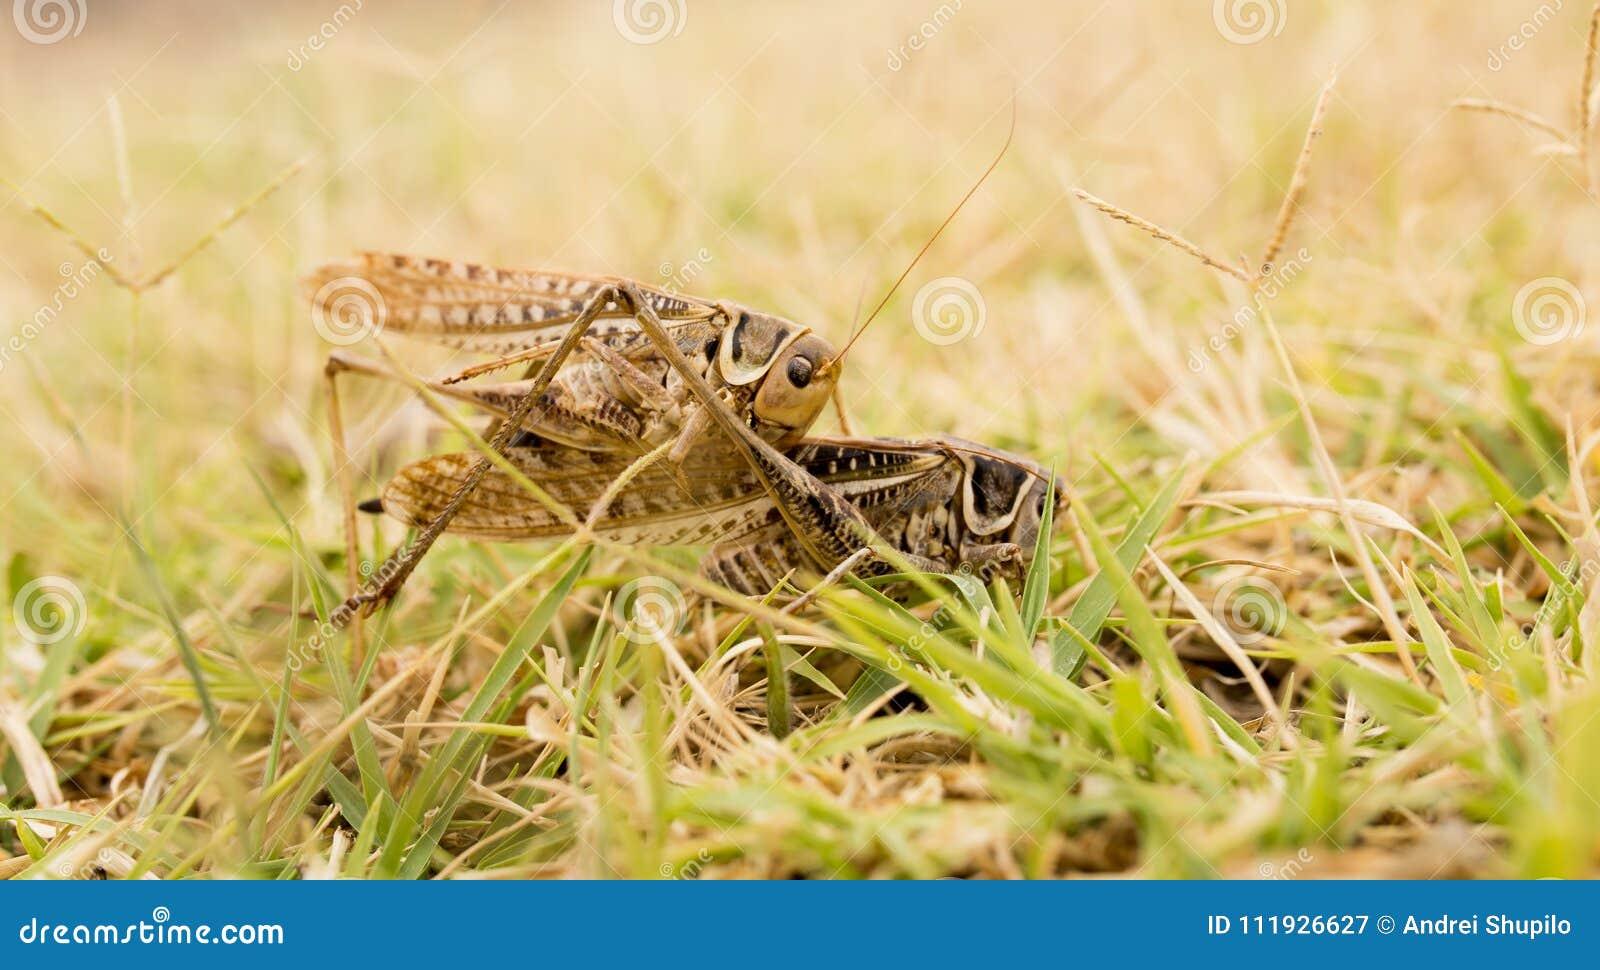 Кузнечик в природе Макрос